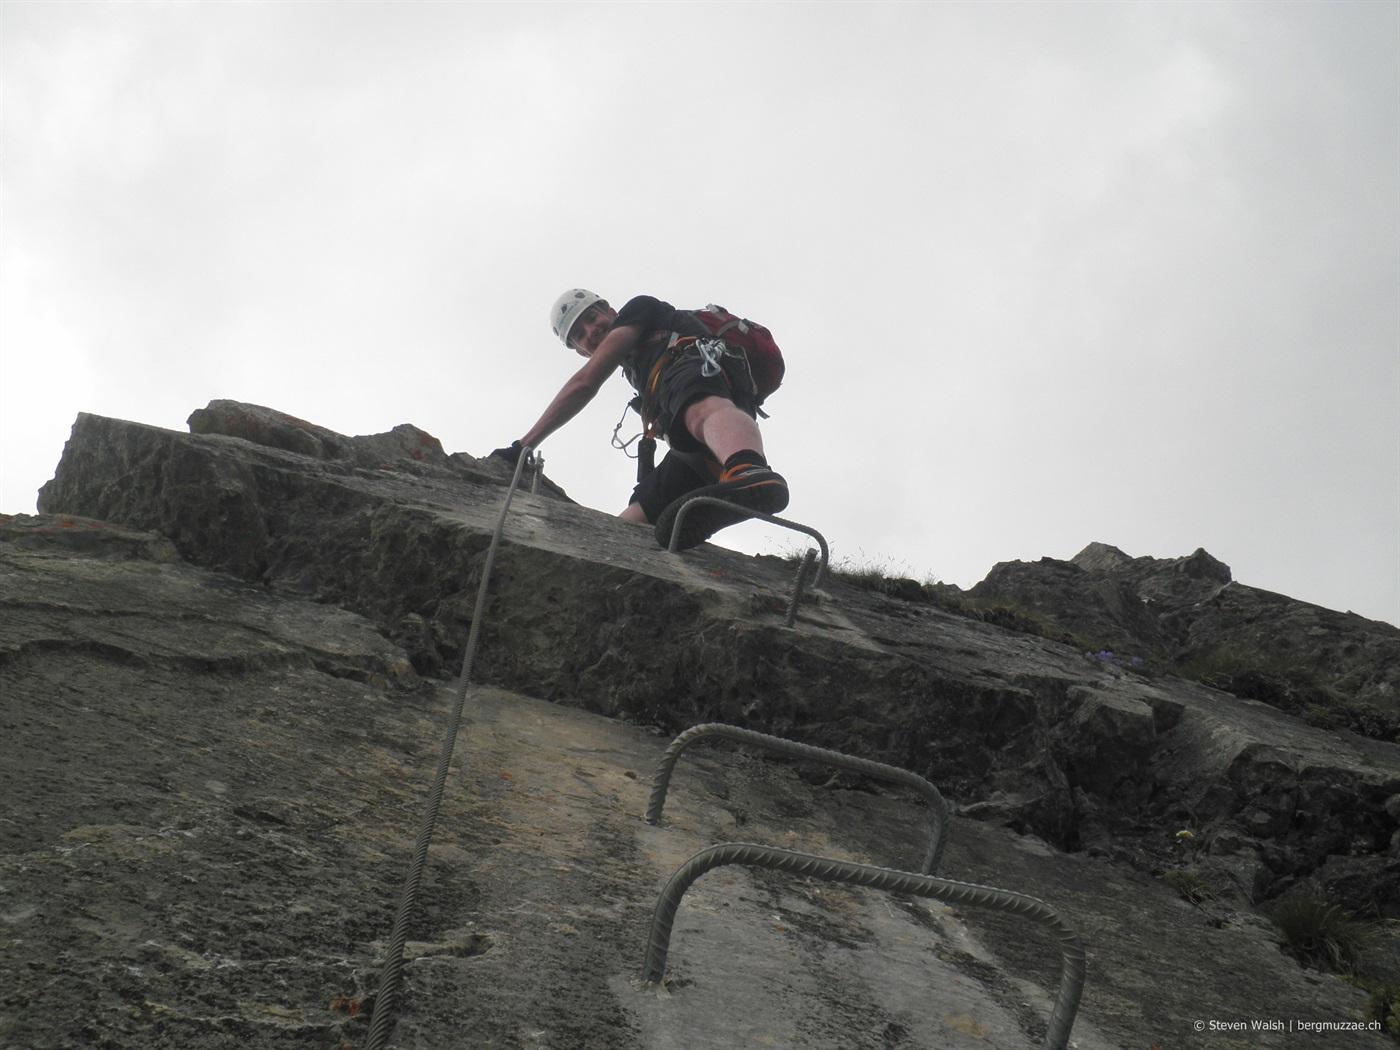 Klettersteig Graustock : Graustock m bergmuzzae